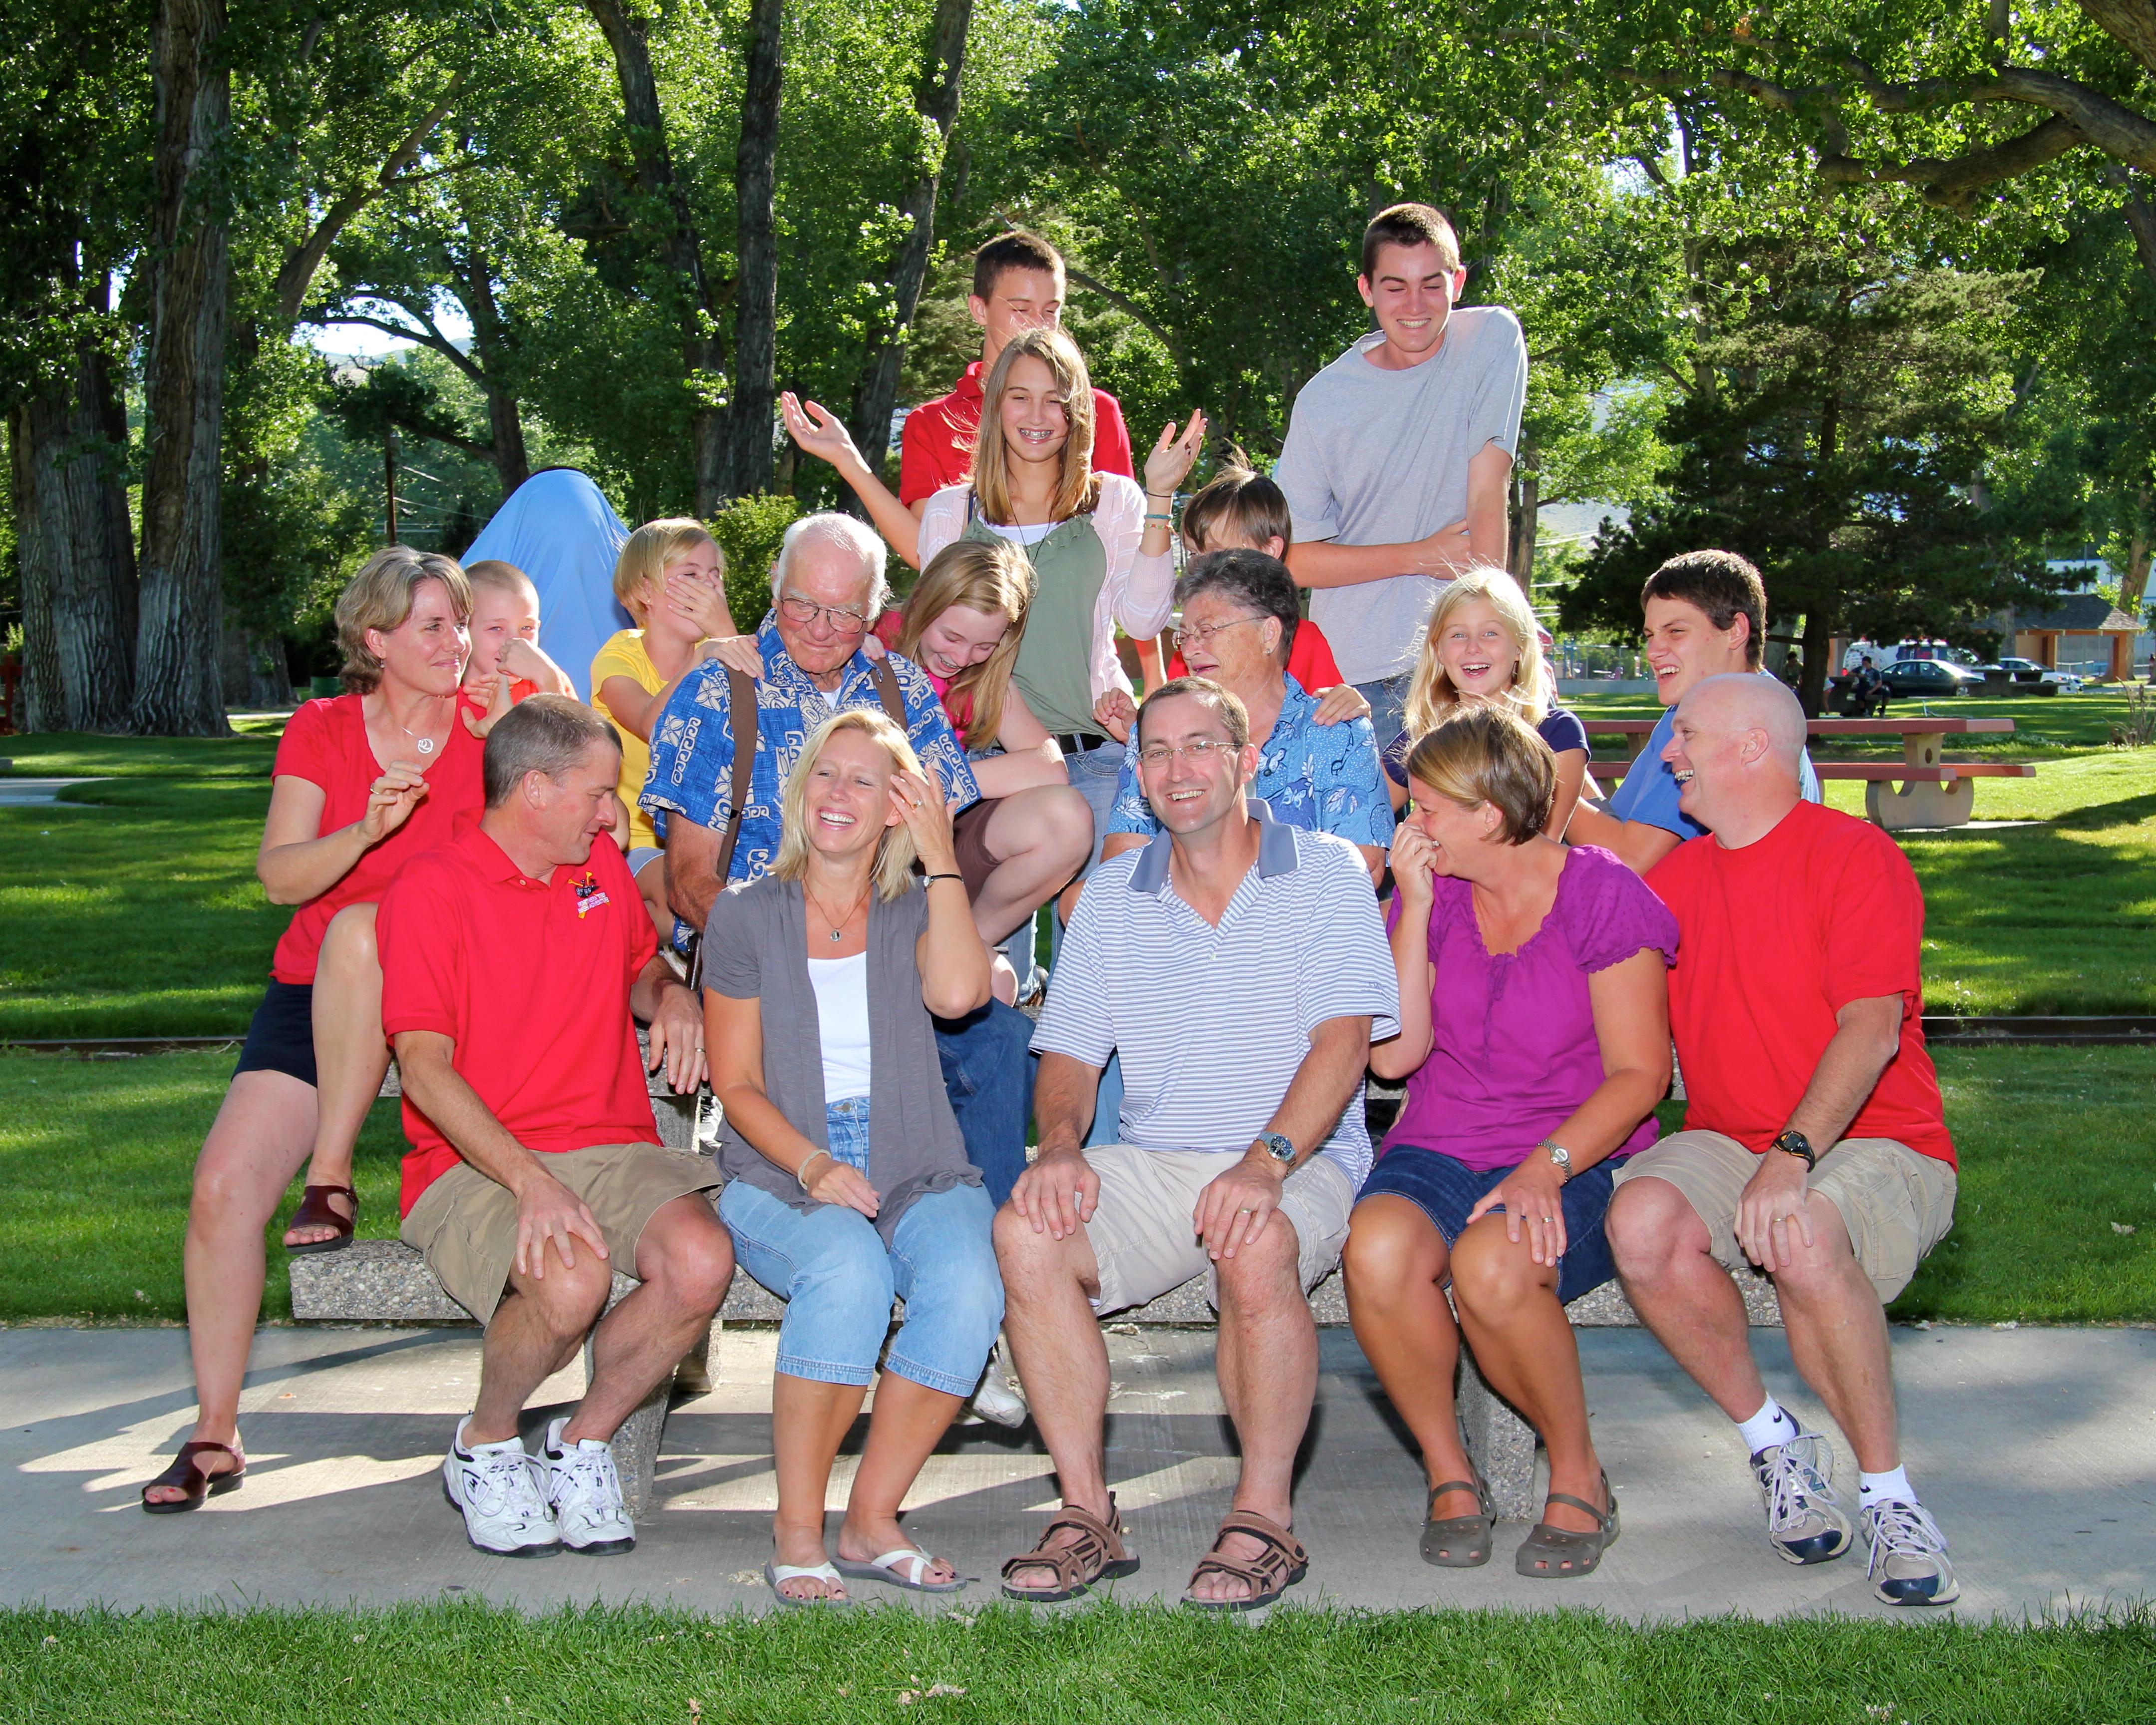 Family Reunion/Portrait